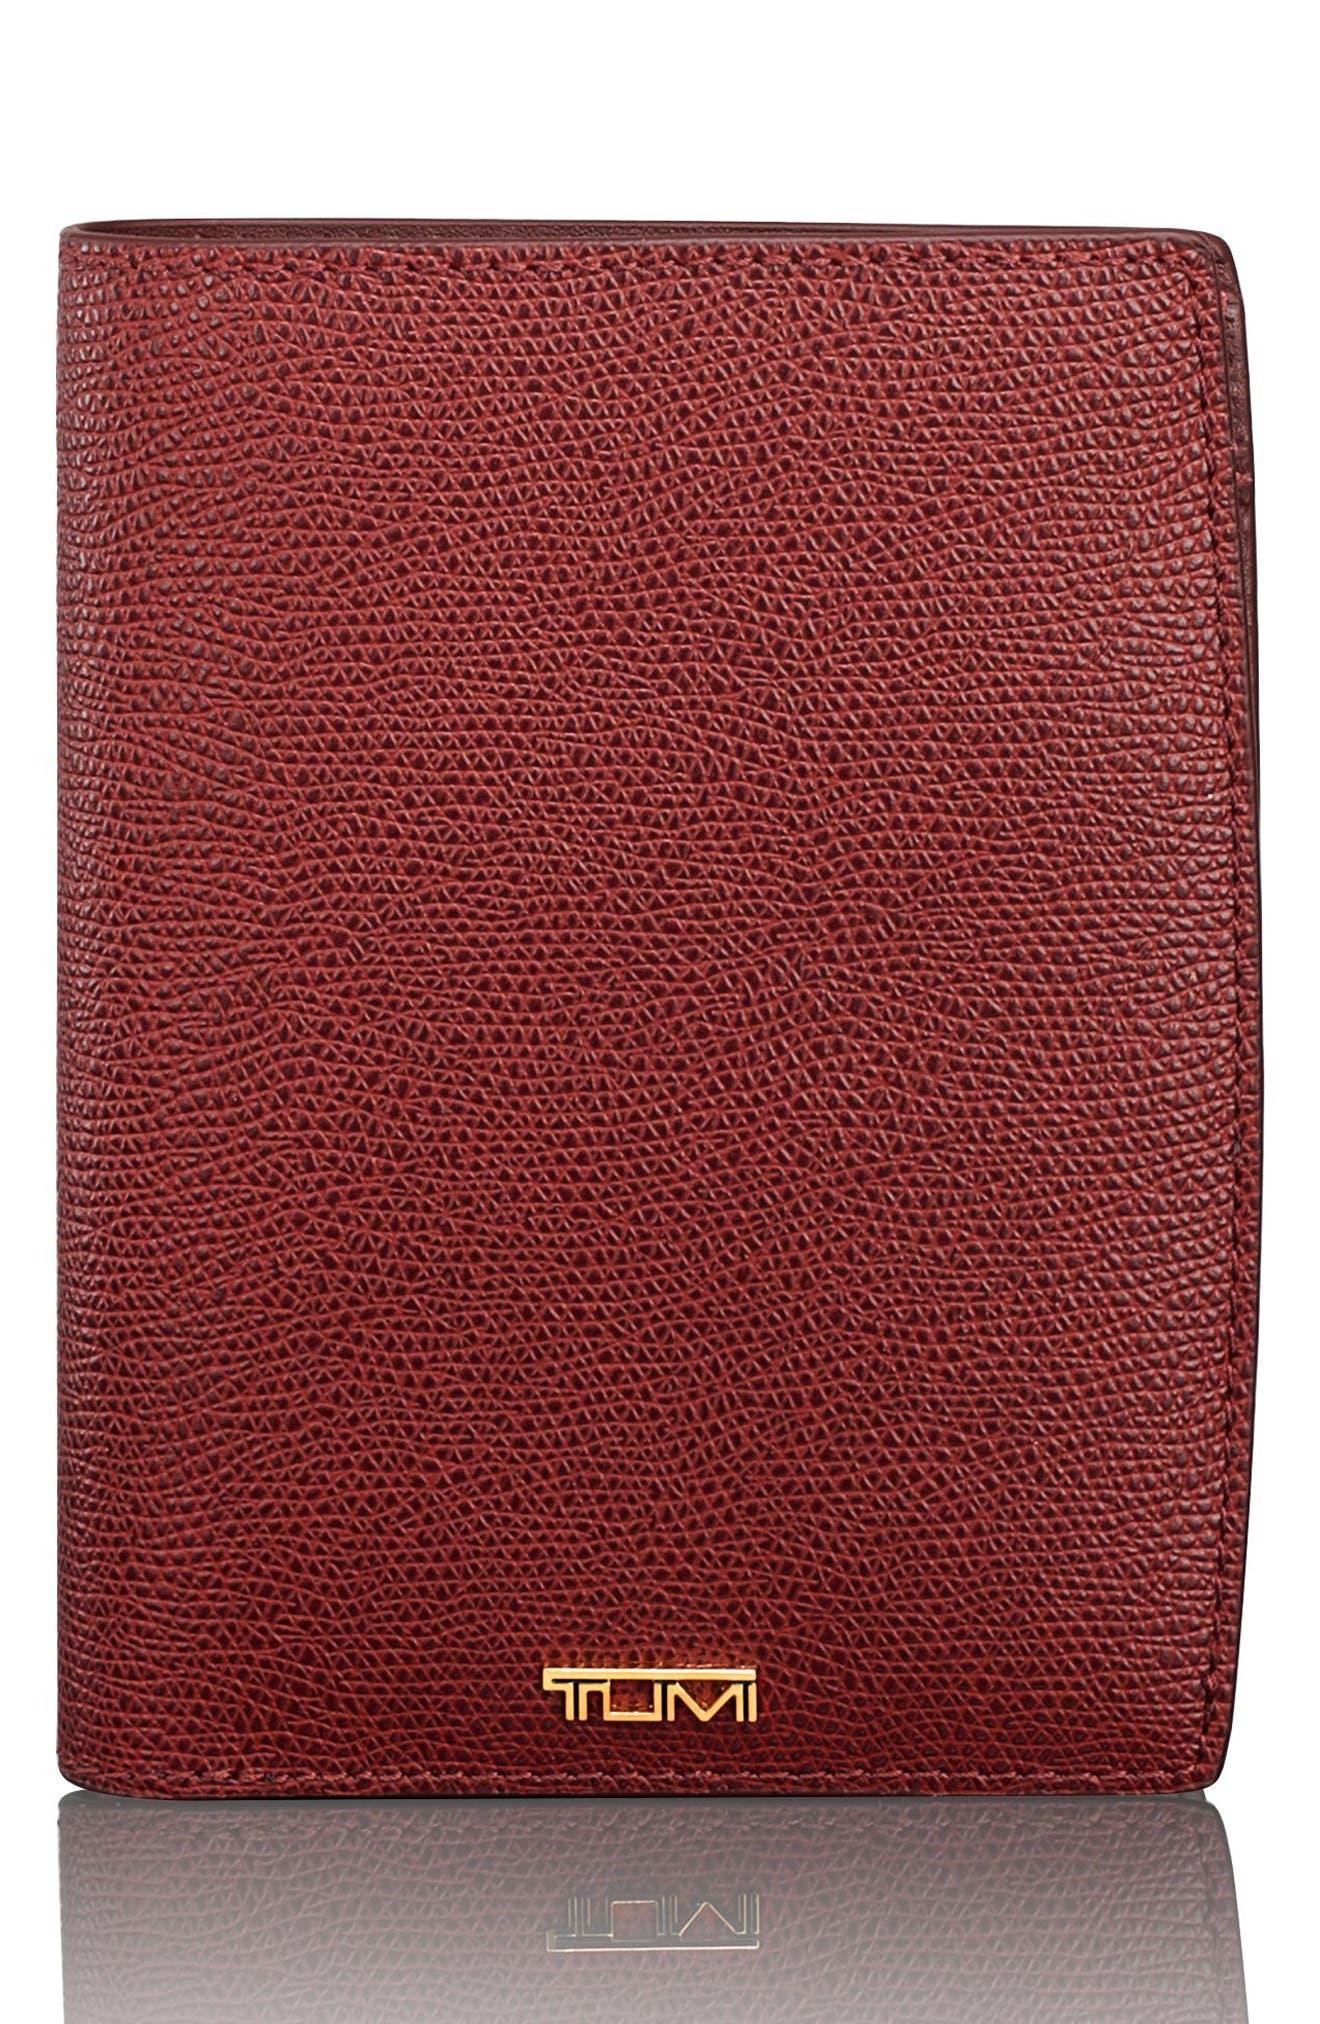 Tumi Sinclair Coated Canvas Passport Case